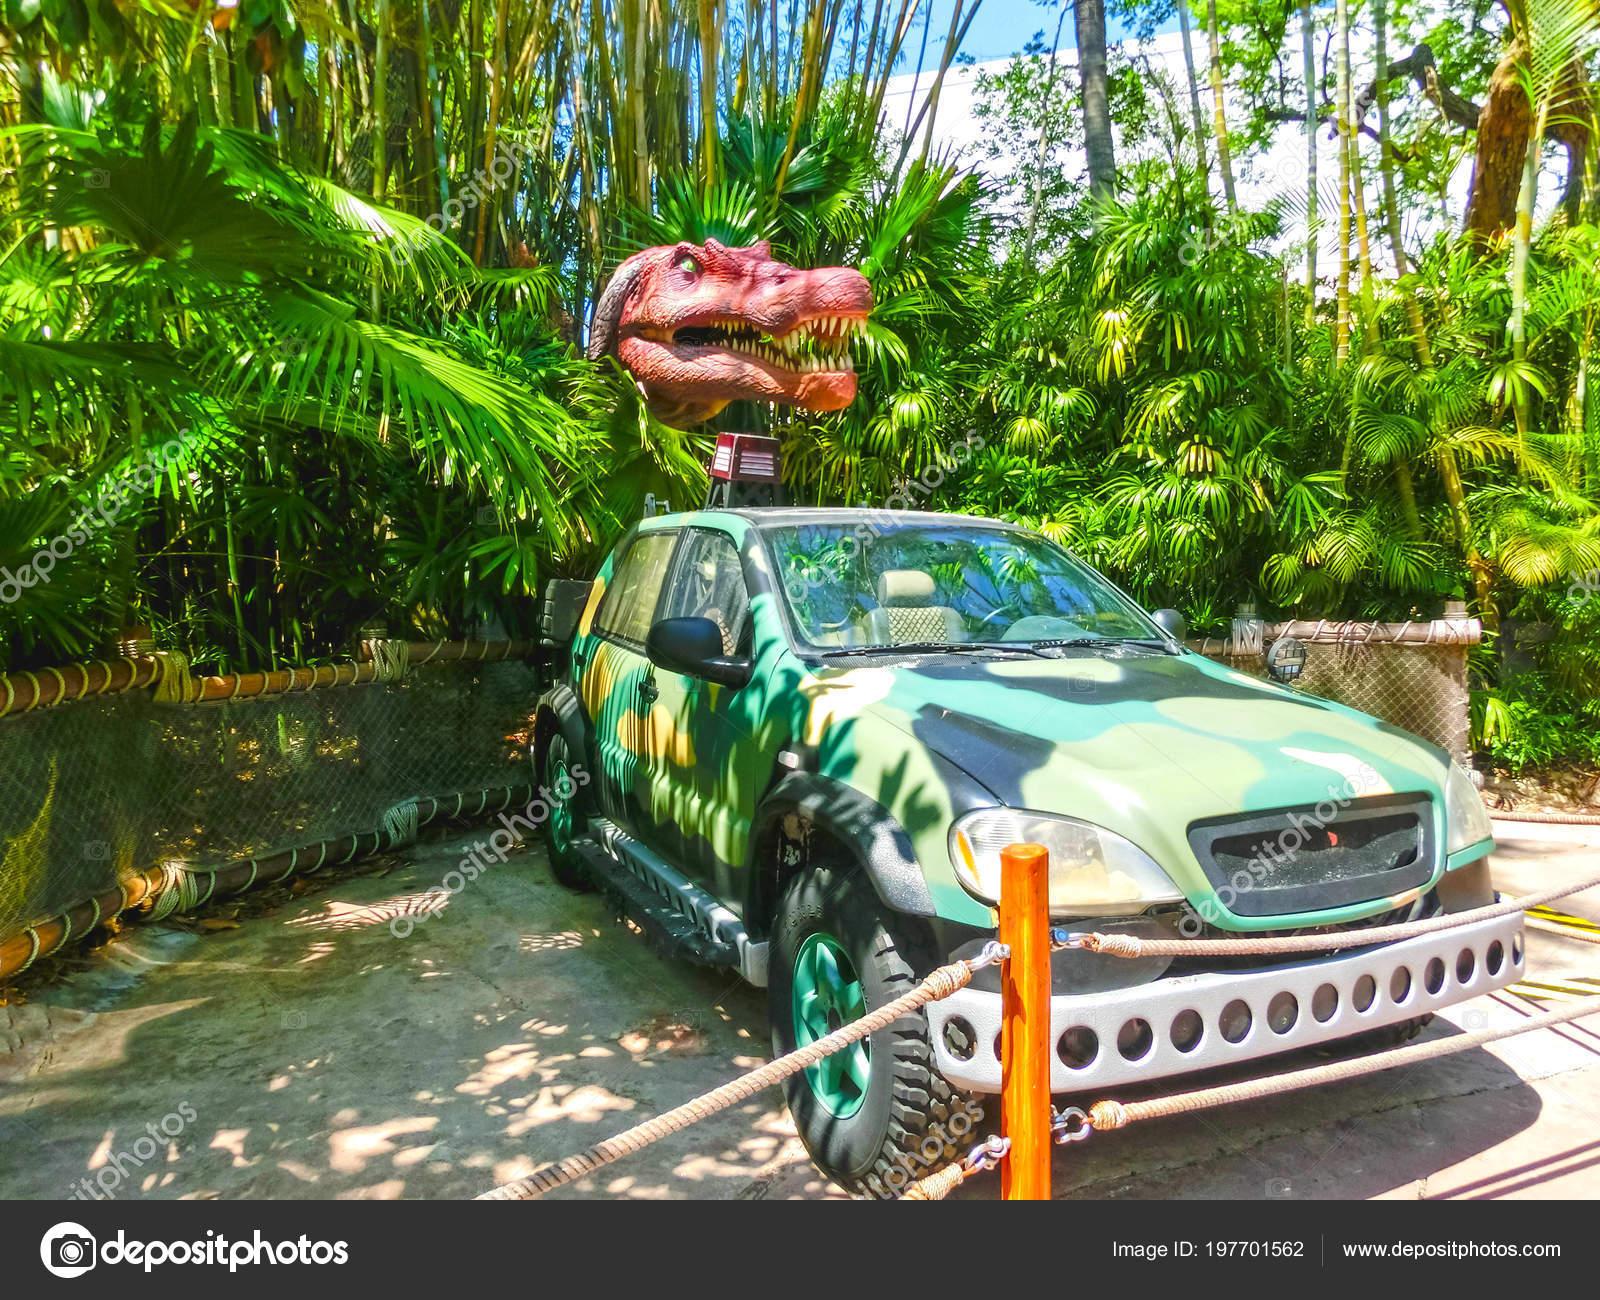 Orlando Florida May 09 2018 Jurassic Park Dinosaur And Jeep At Universal Studios Islands Of Adventure Theme Park Stock Editorial Photo C Marina113 197701562 Artículos, videos, fotos y el universo salvaje ha llegado a los parques de universal studios con dinosaurios animatrónicos tridimensionales. https depositphotos com 197701562 stock photo orlando florida may 09 2018 html